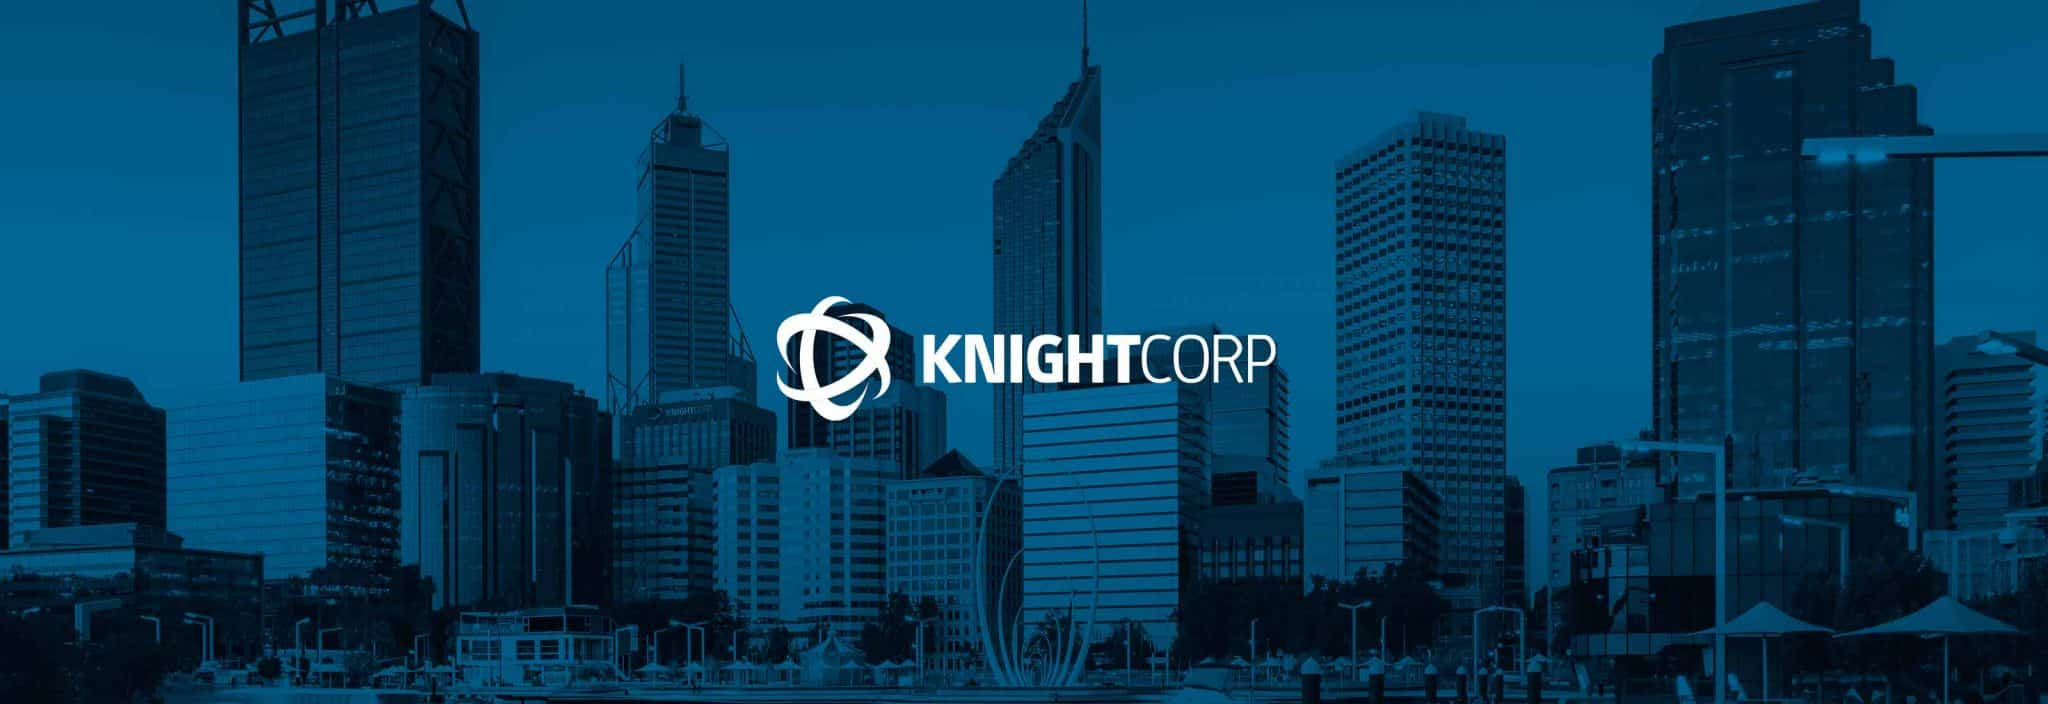 1 4S Work Knightcorp Hero